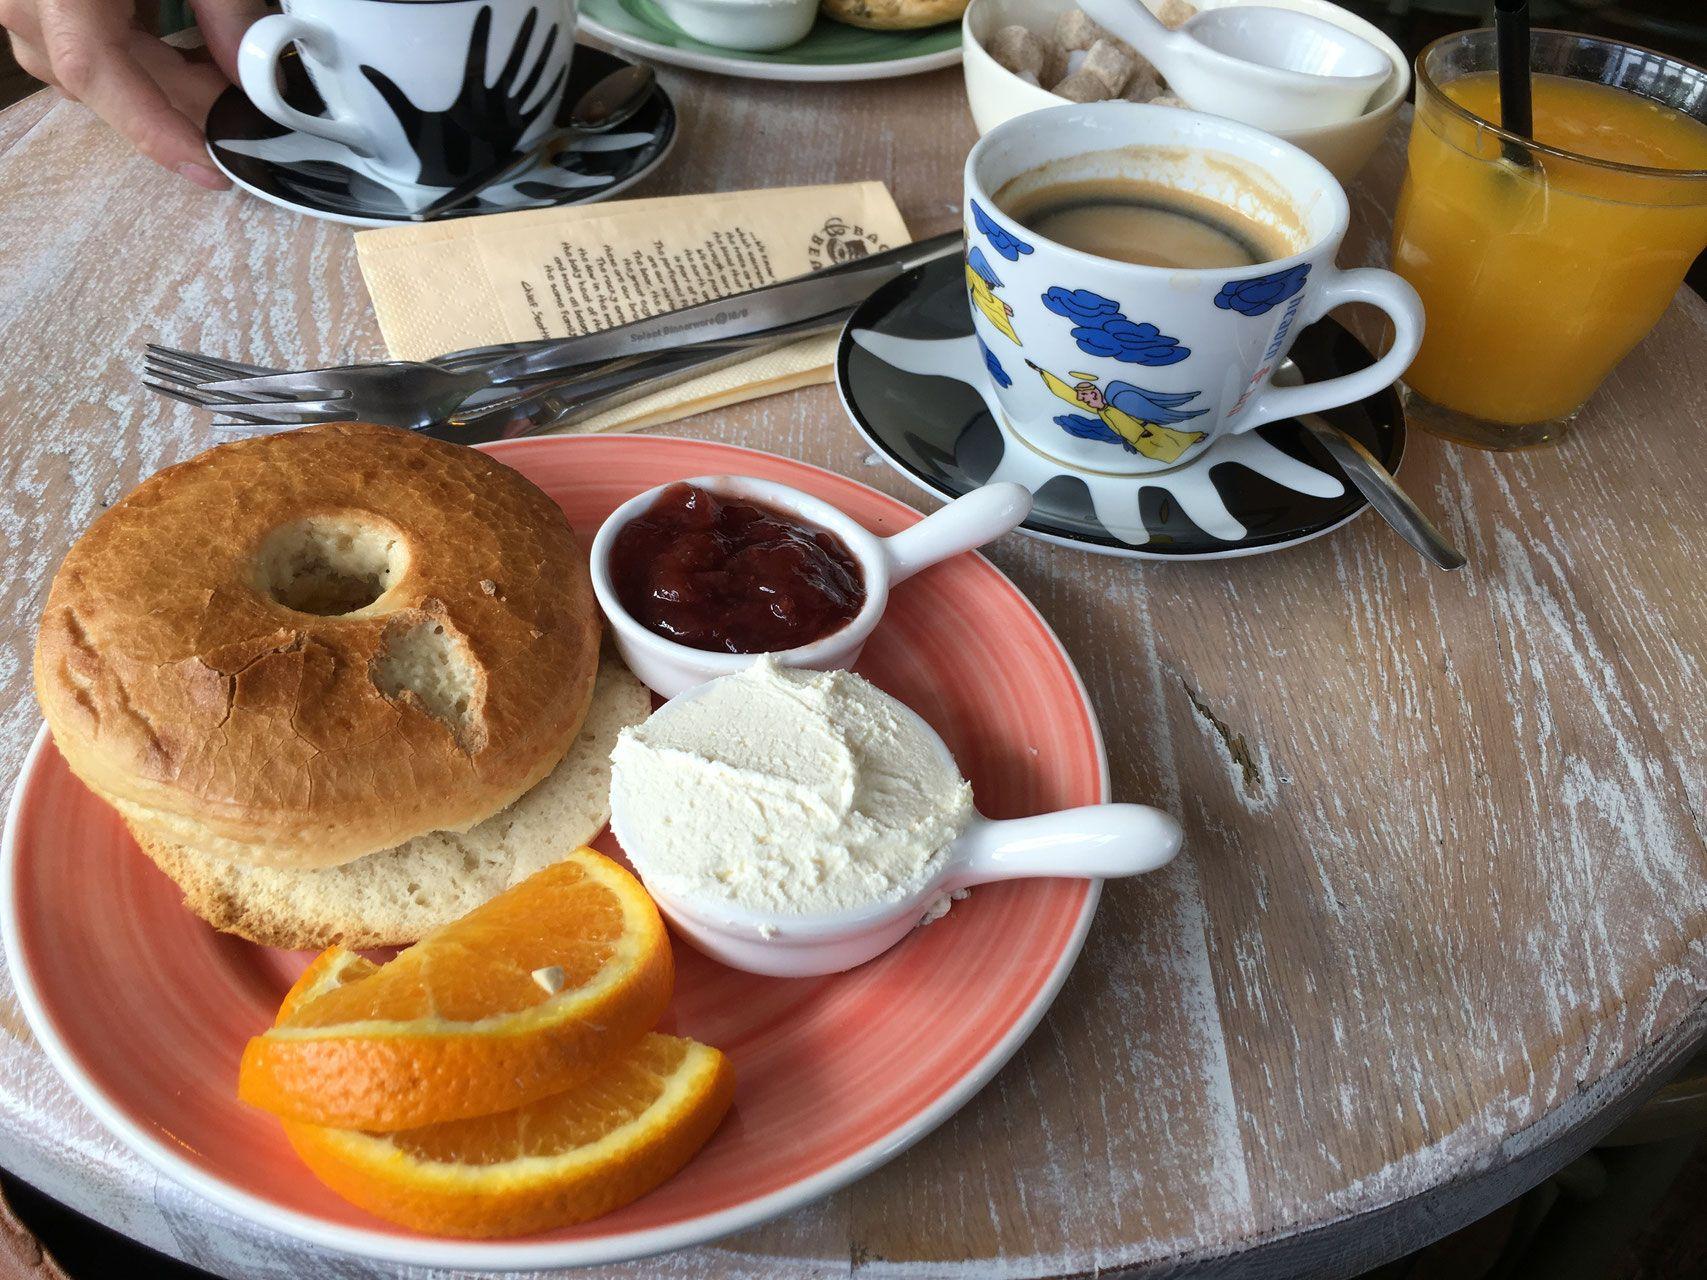 Wunderbar Guten Morgen Frühstück Ideen Von Das Frühstück